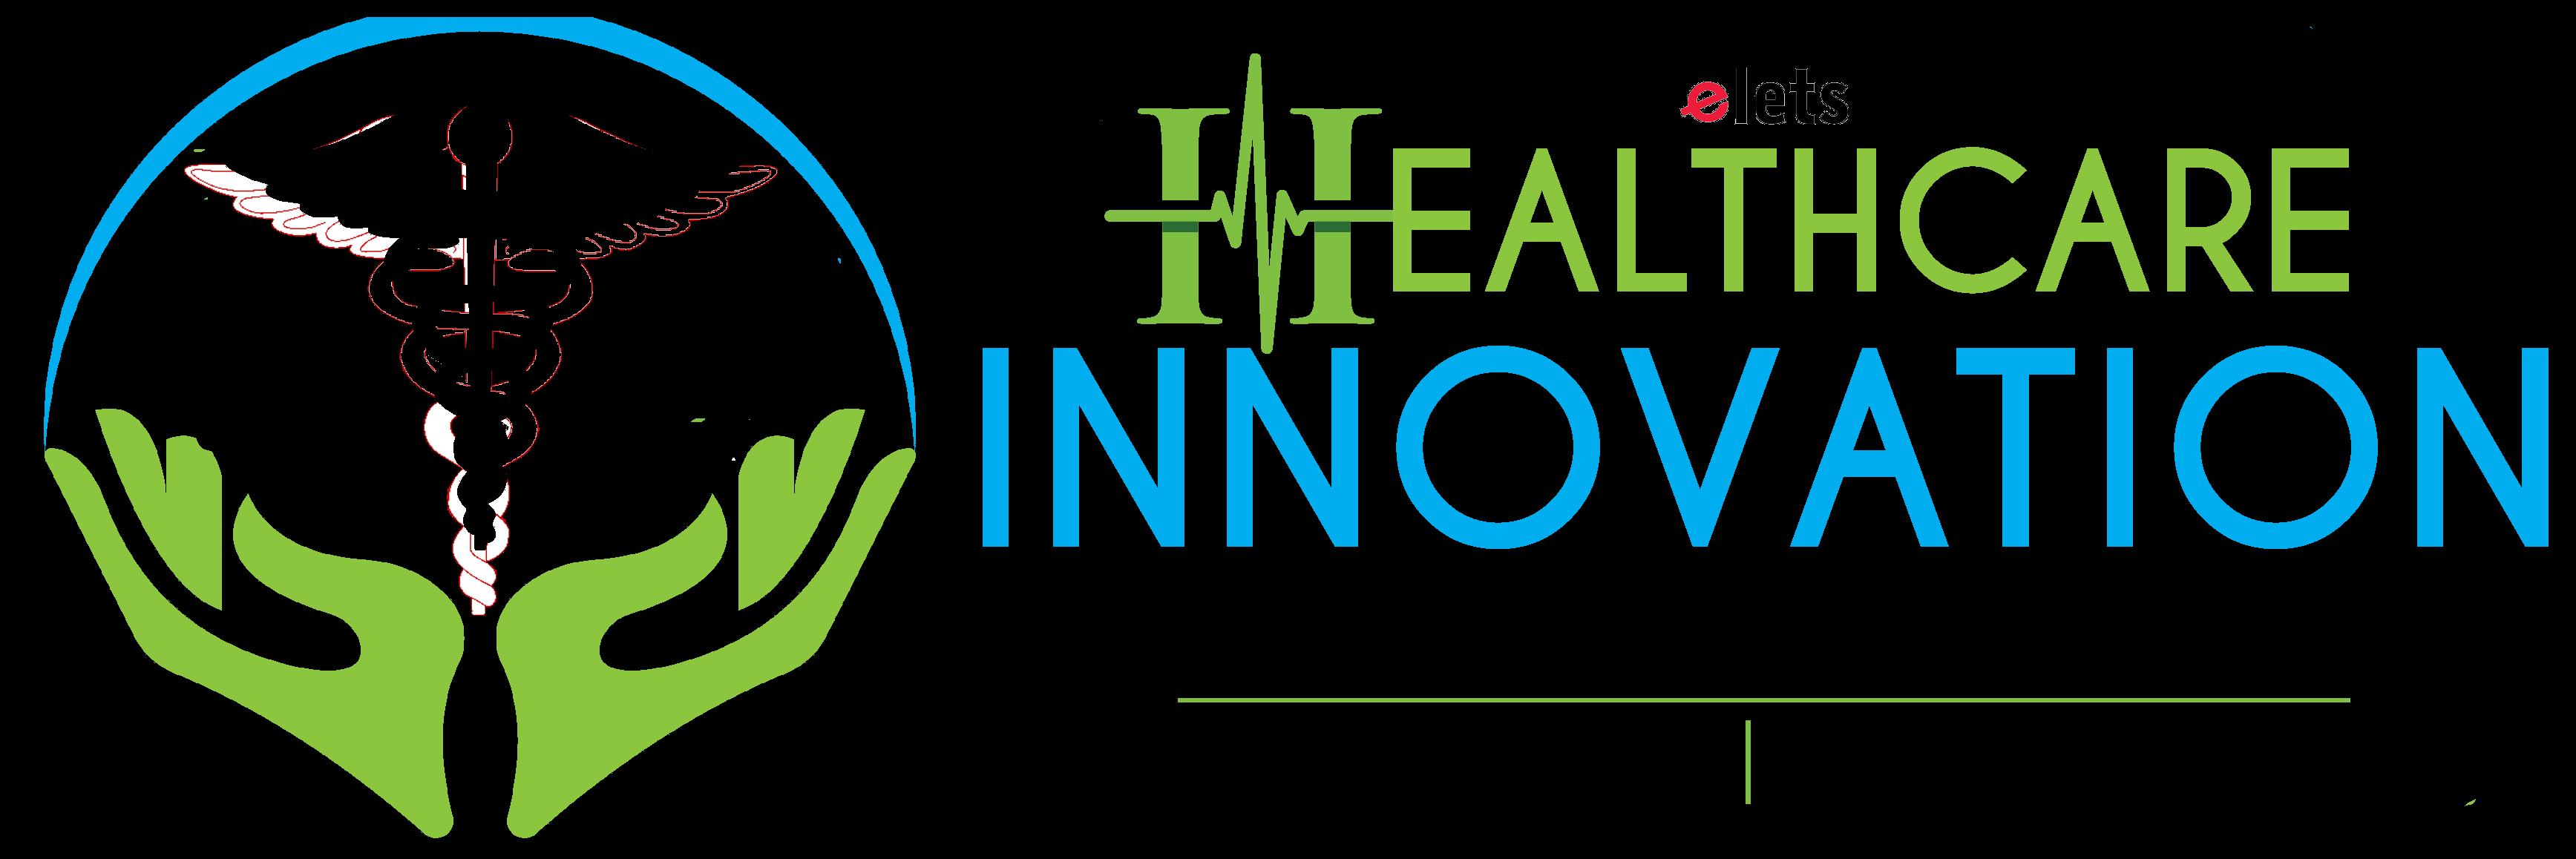 Healthcare Innovation Summit, New Delhi